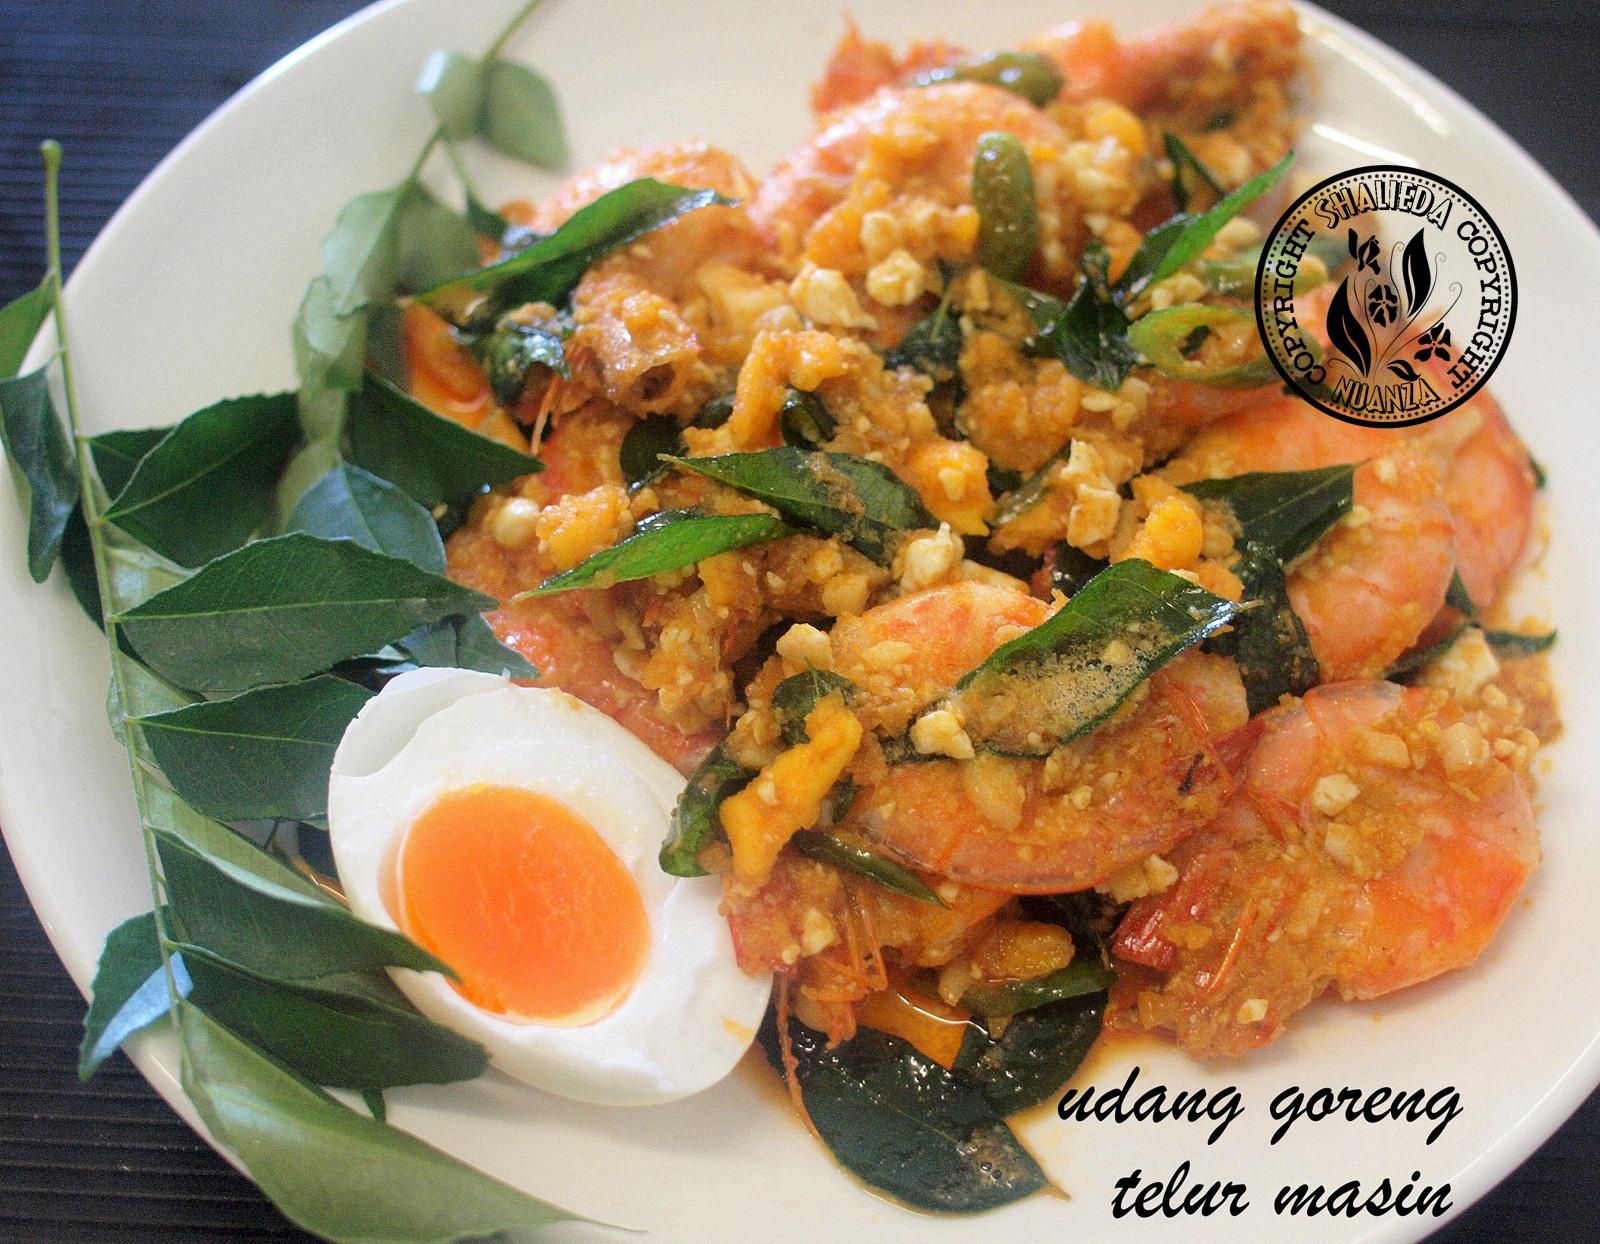 Resepi Udang Goreng Telur Masin Simple ~ Resep Masakan Khas